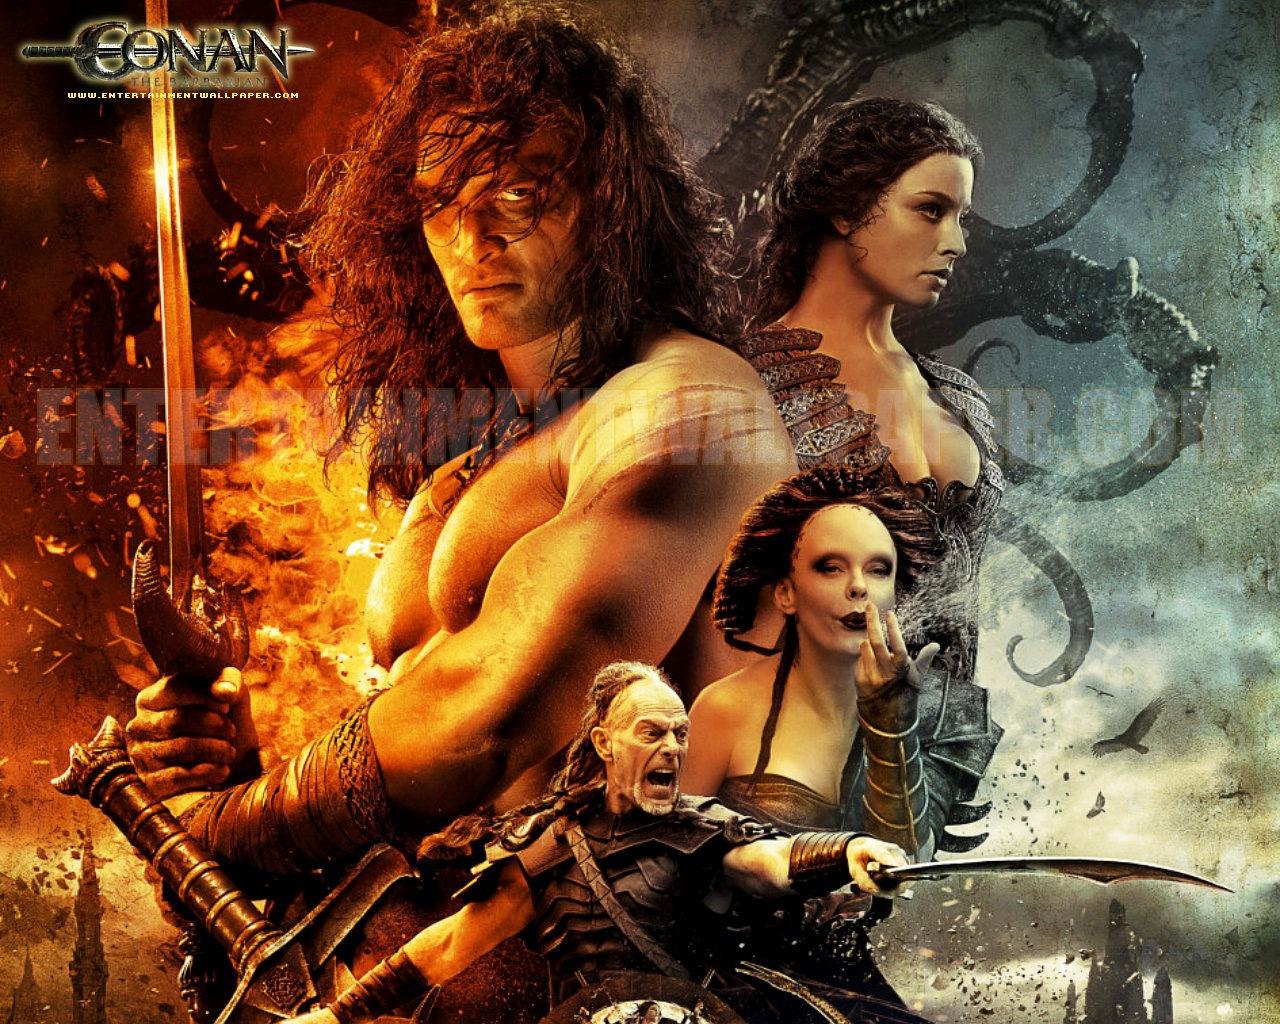 Wallpaper Conan The Barbarian 2011 2011 Conan The Barbarian